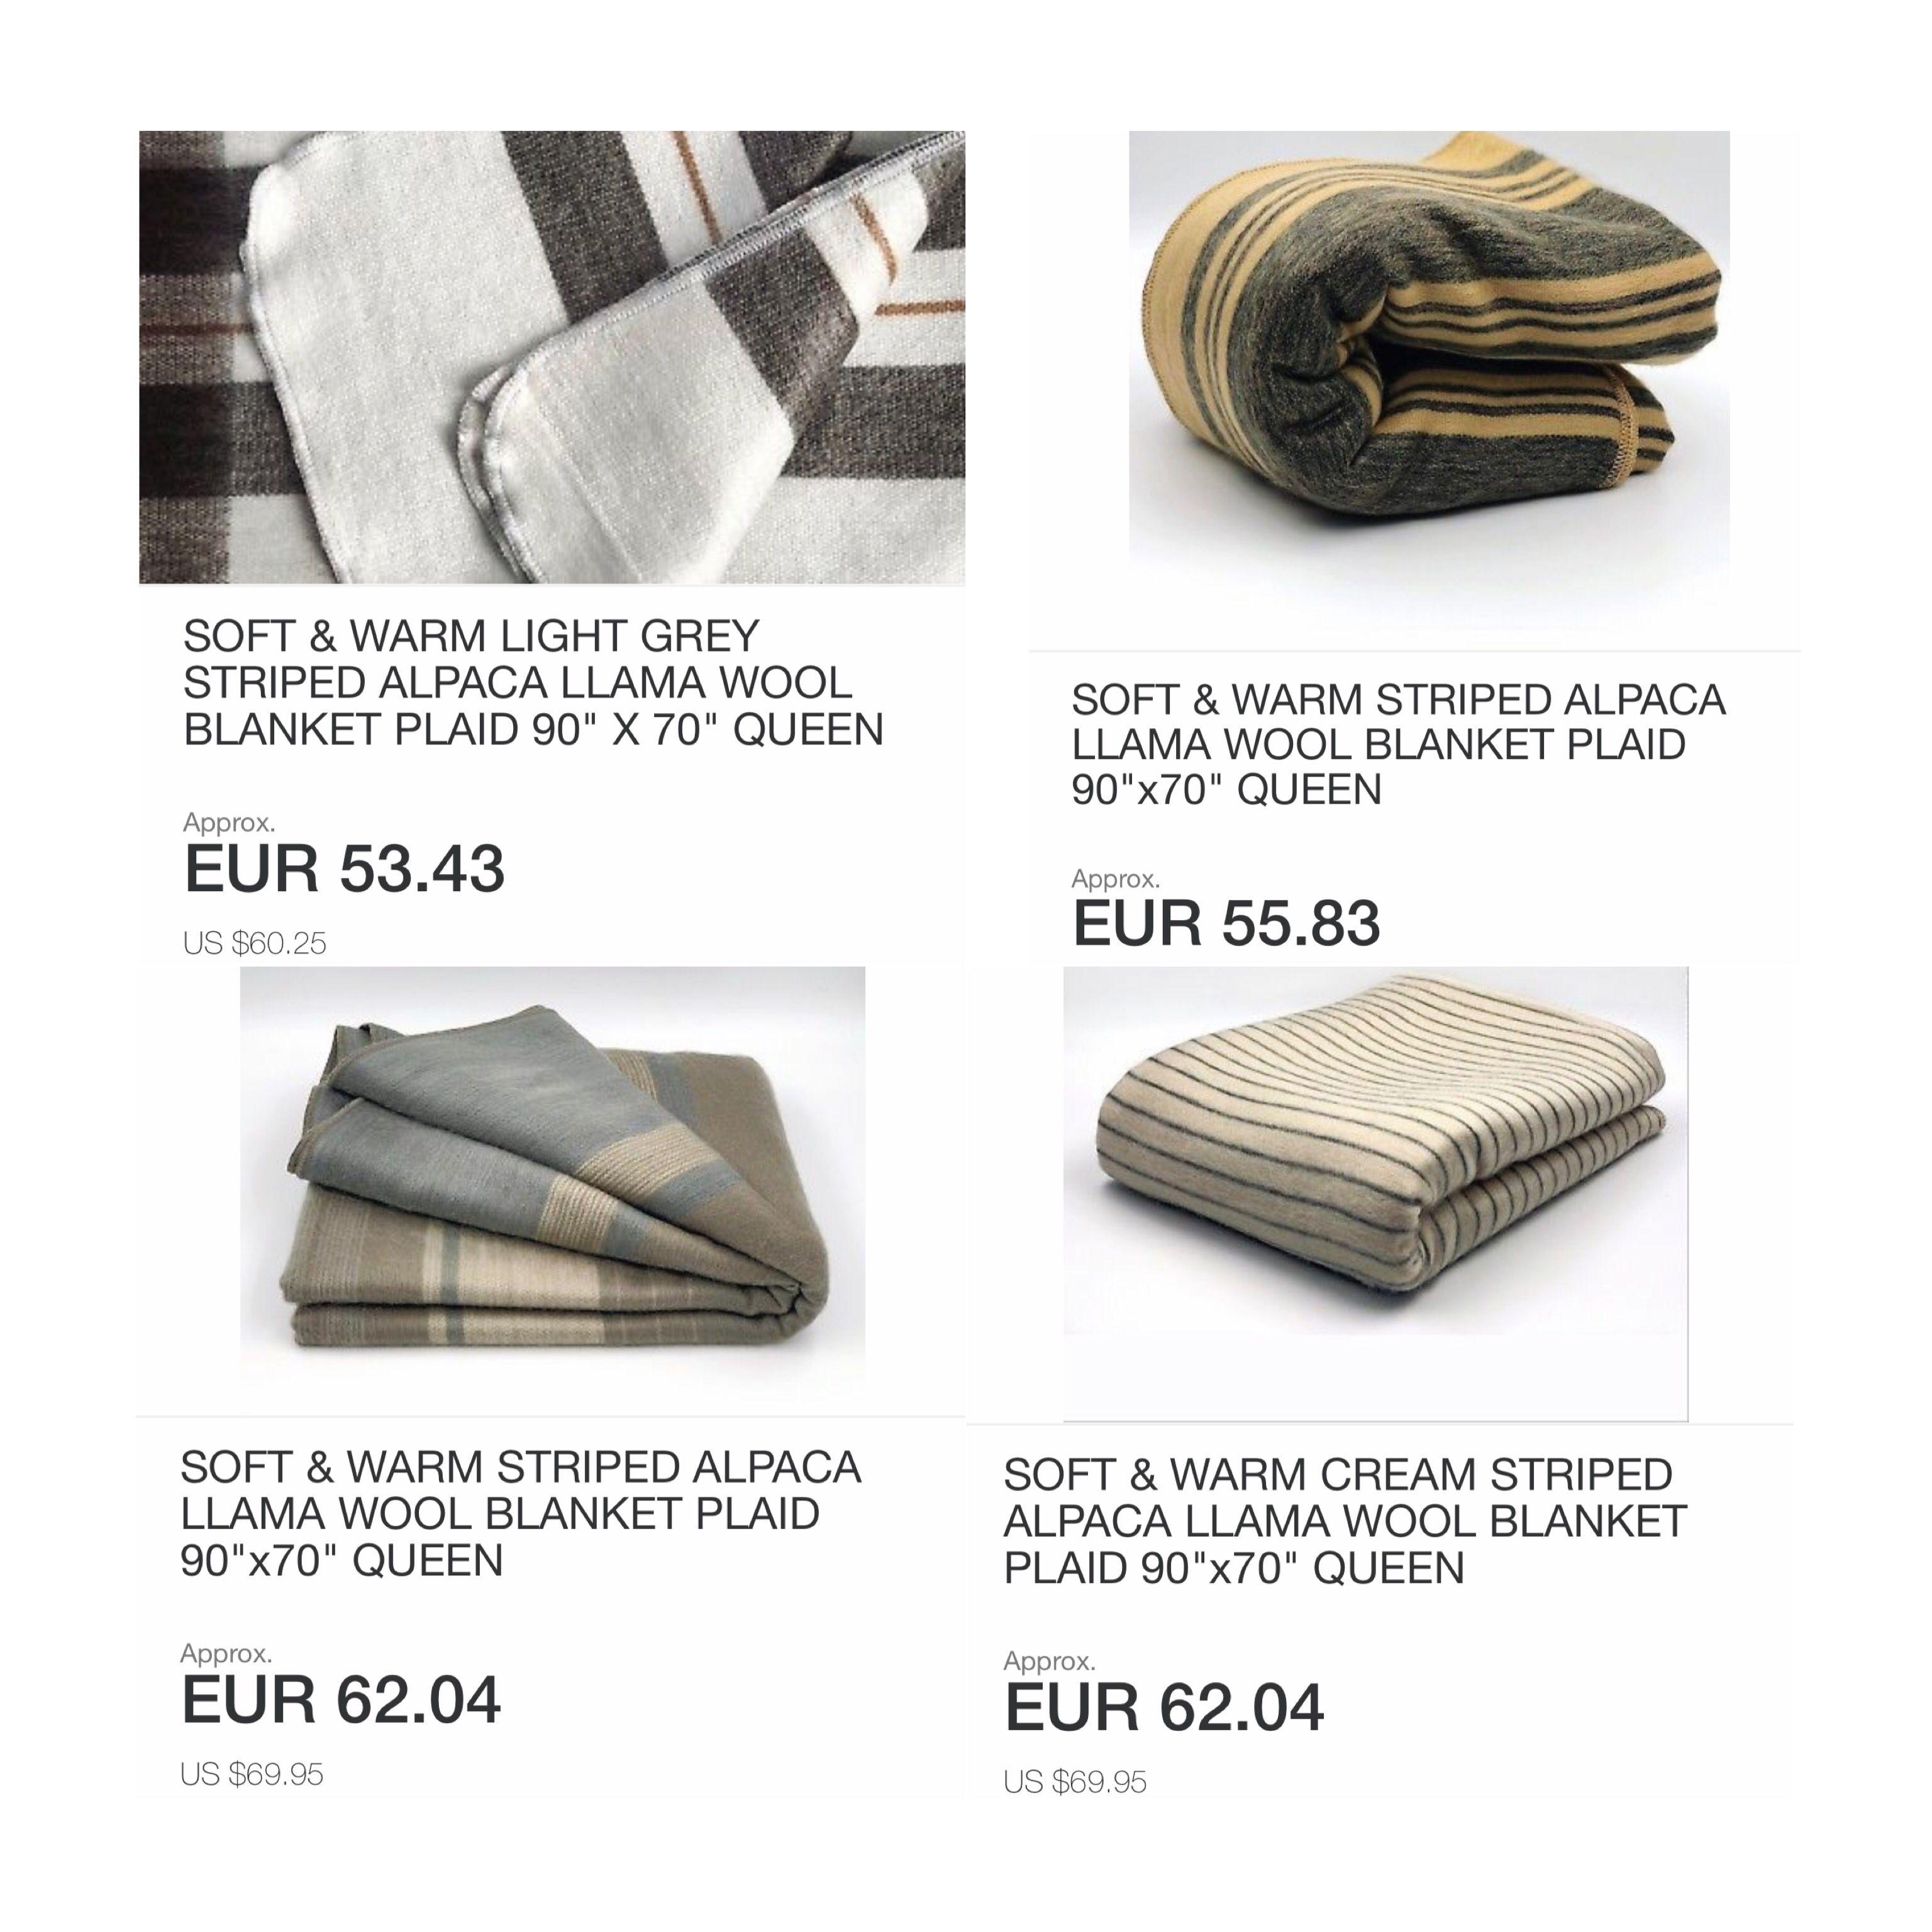 Alpaca Blankets From Ecuador Alpaca Blanket Wool Blanket Alpaca Wool Blanket